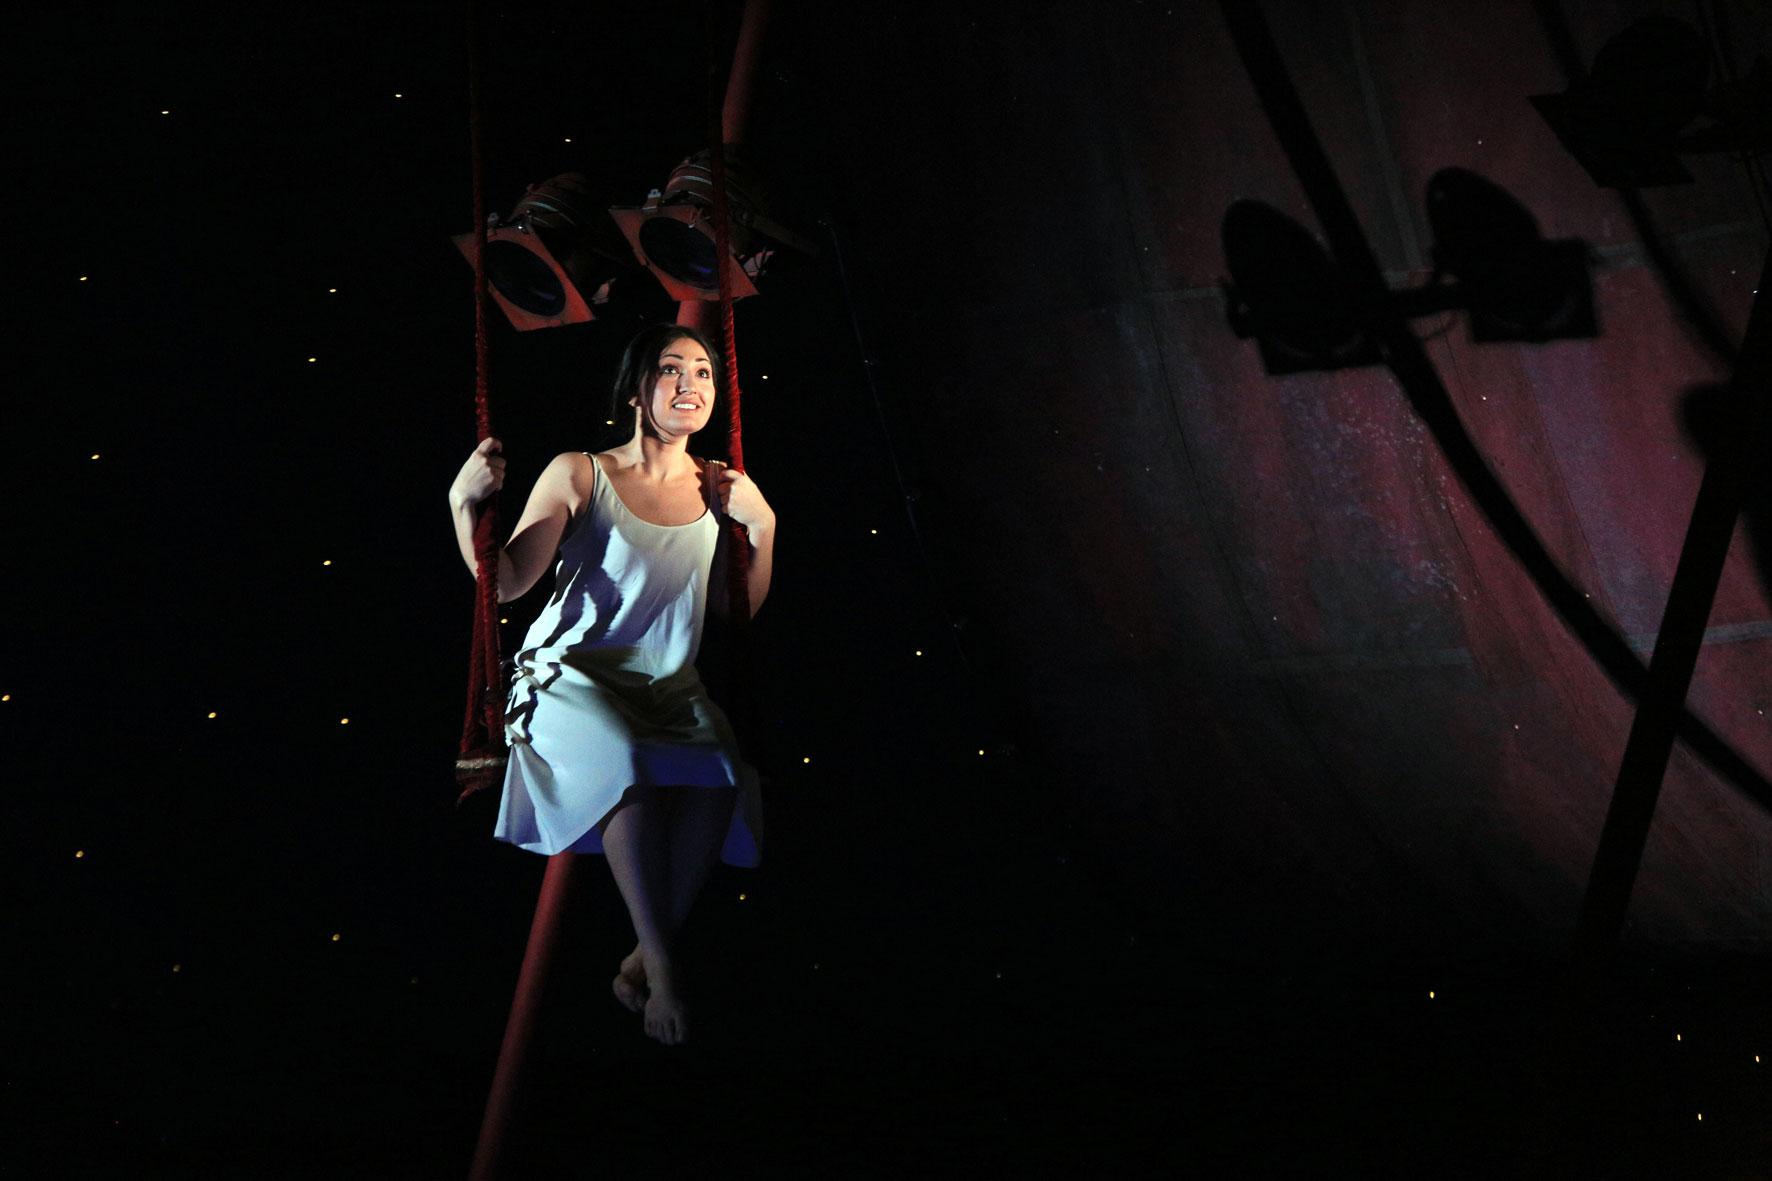 Джильда — Кристина Мхитарян. Фото Олега Черноуса/Большой театр.